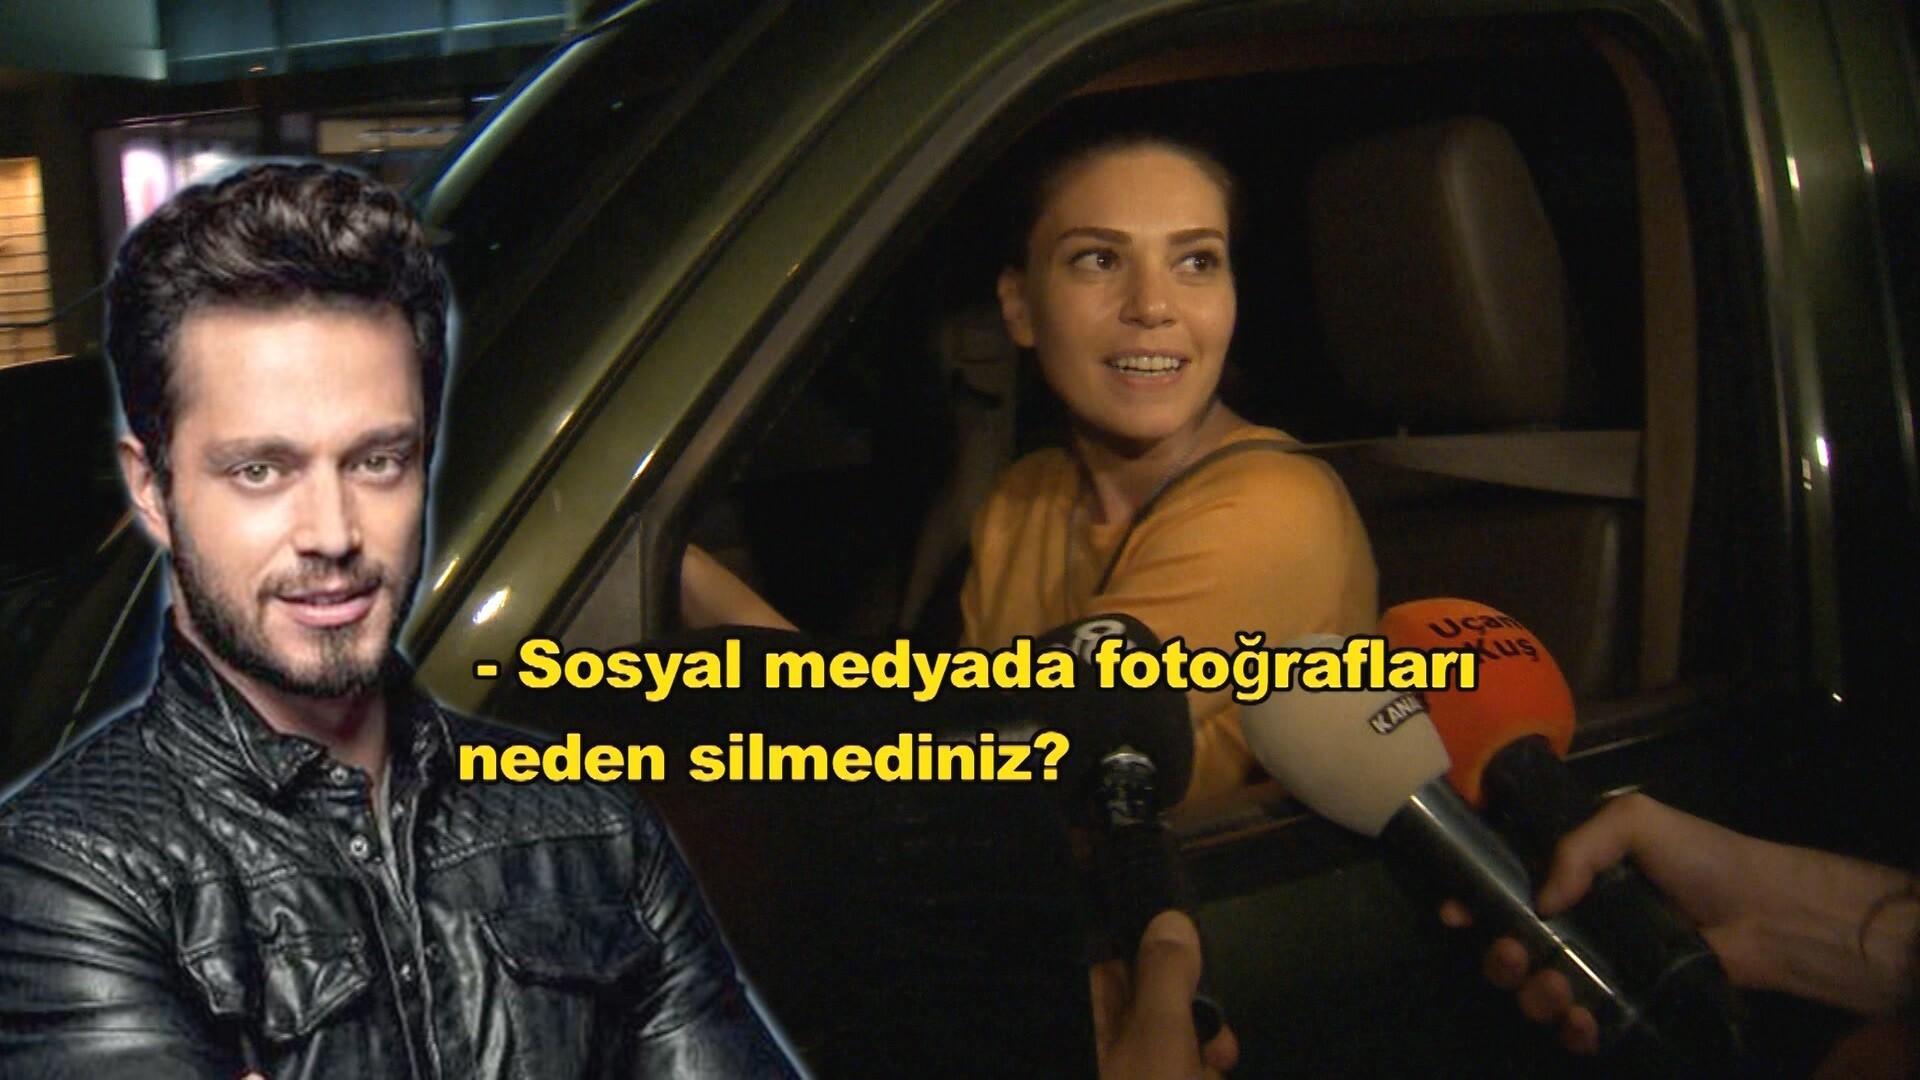 Murat boz sosyal medya resmi hesapları ve adresleri